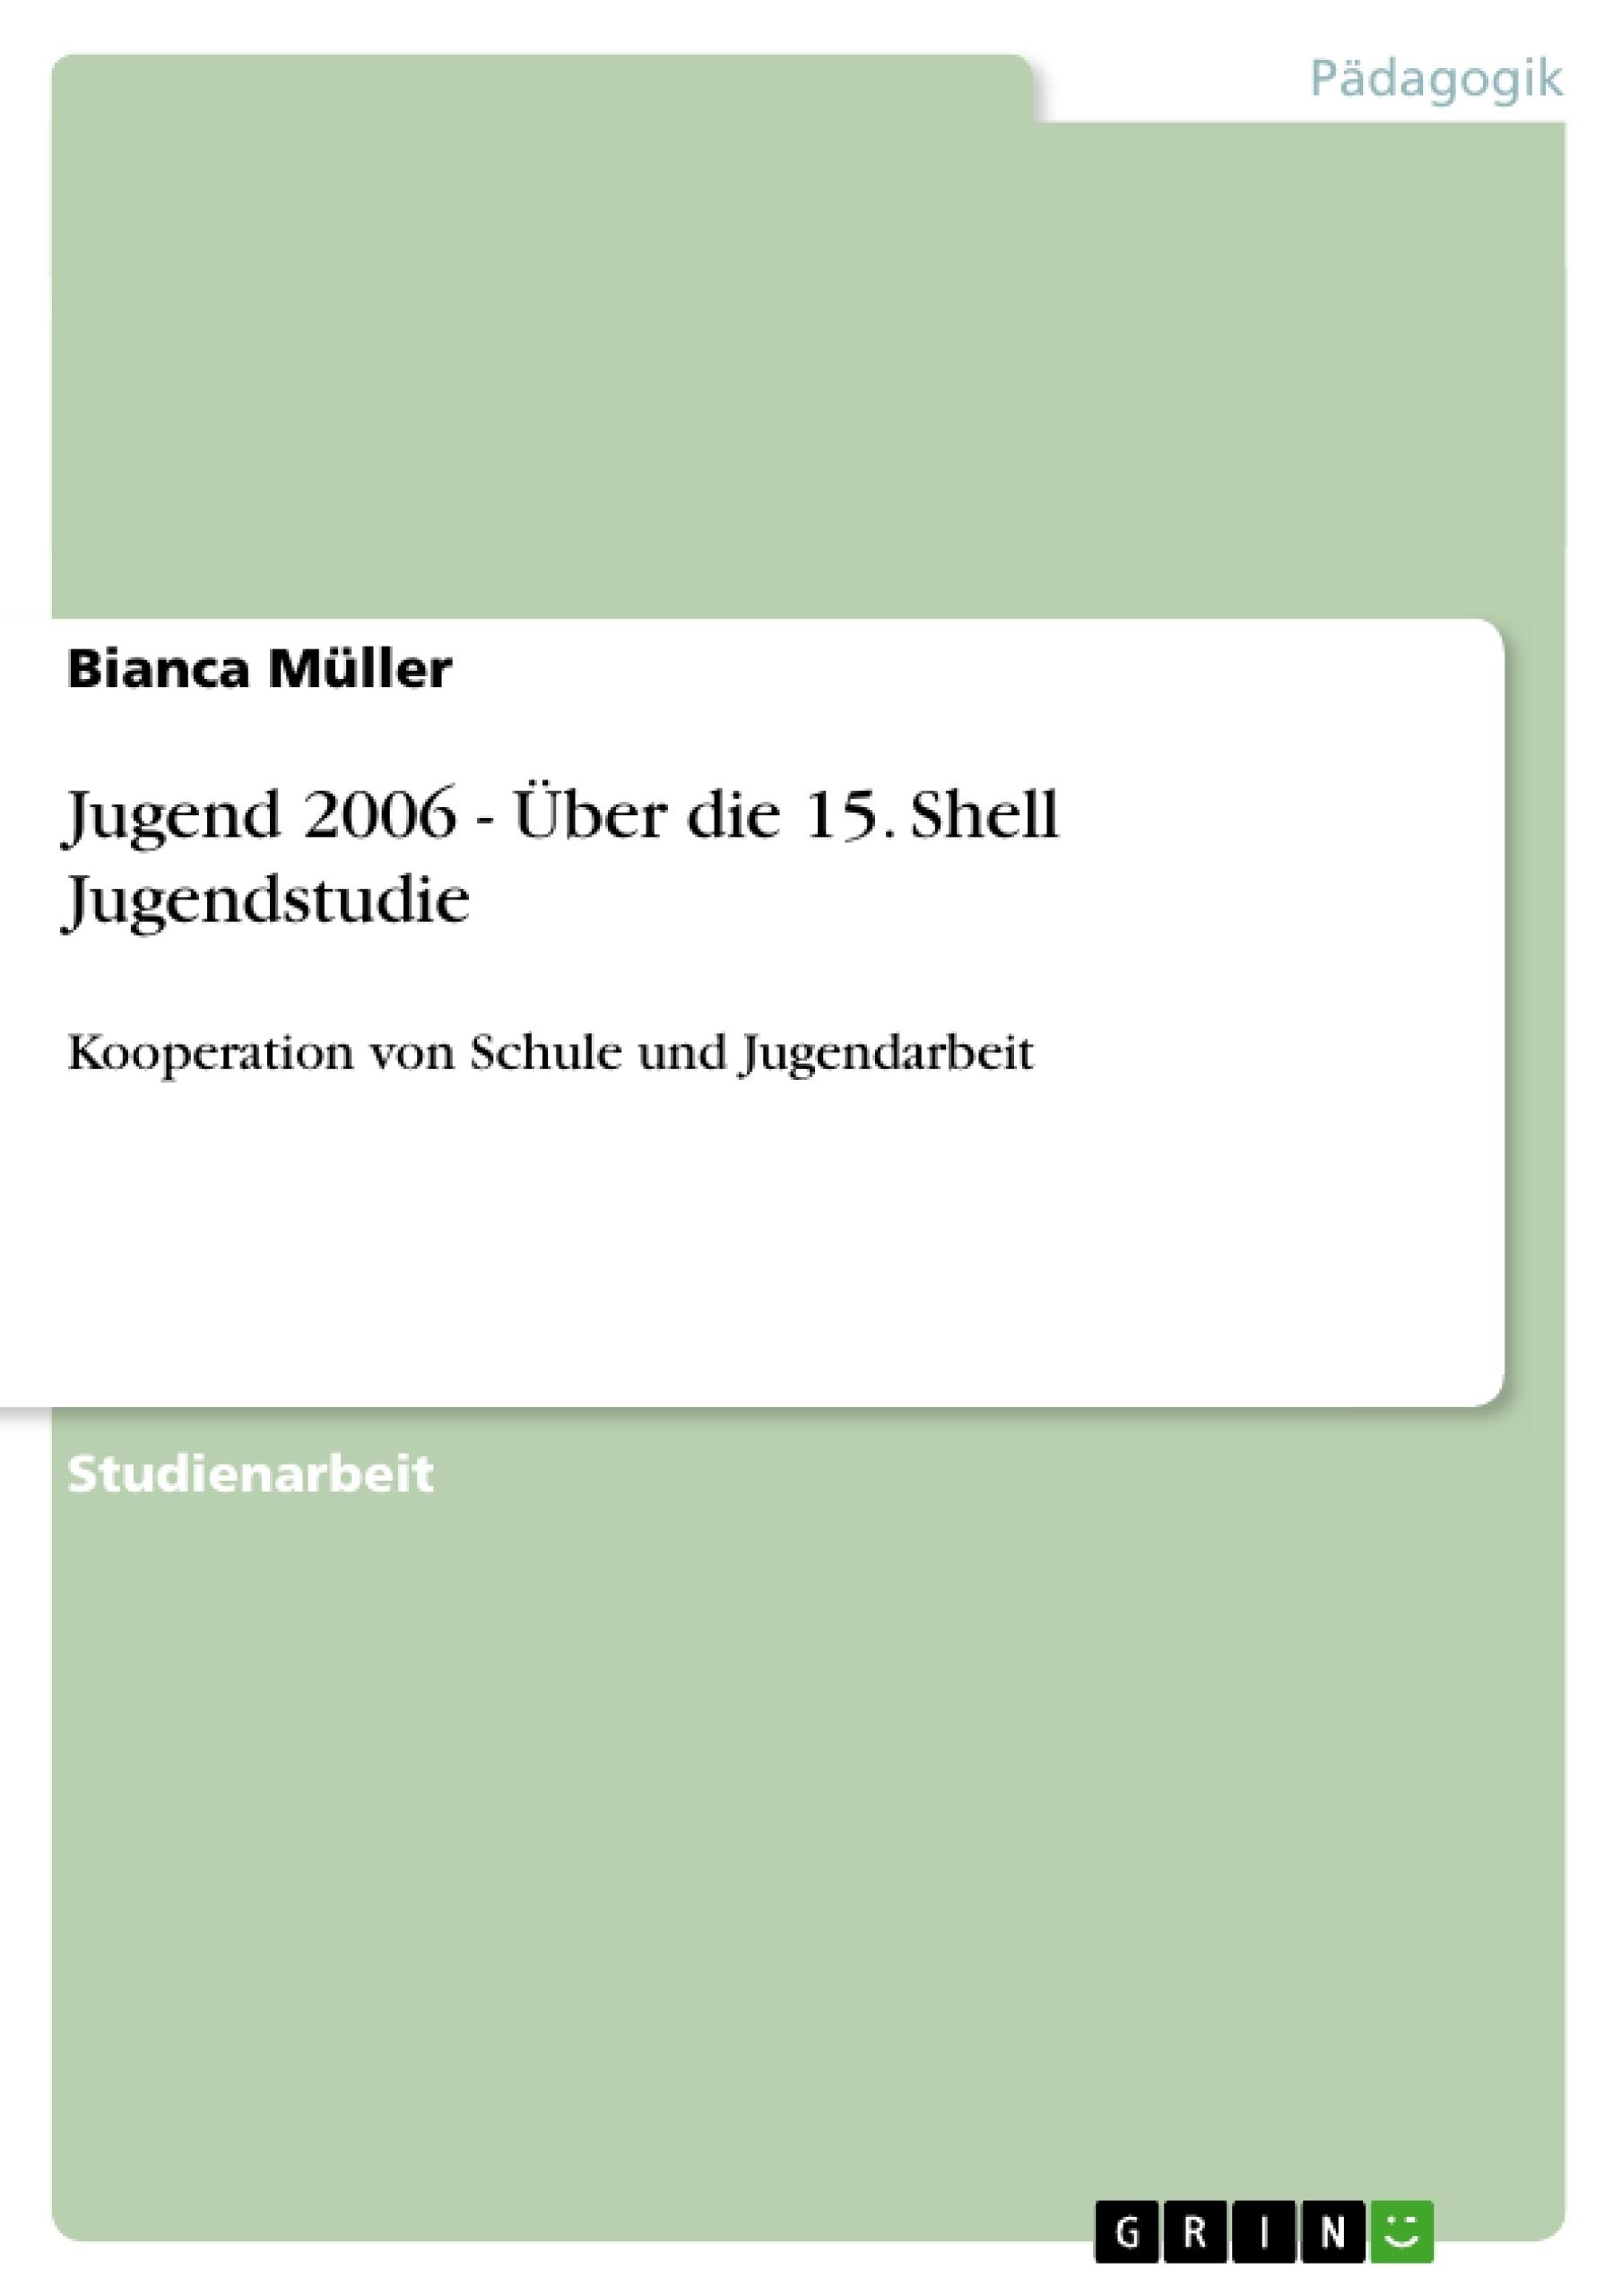 Titel: Jugend 2006 - Über die 15. Shell Jugendstudie